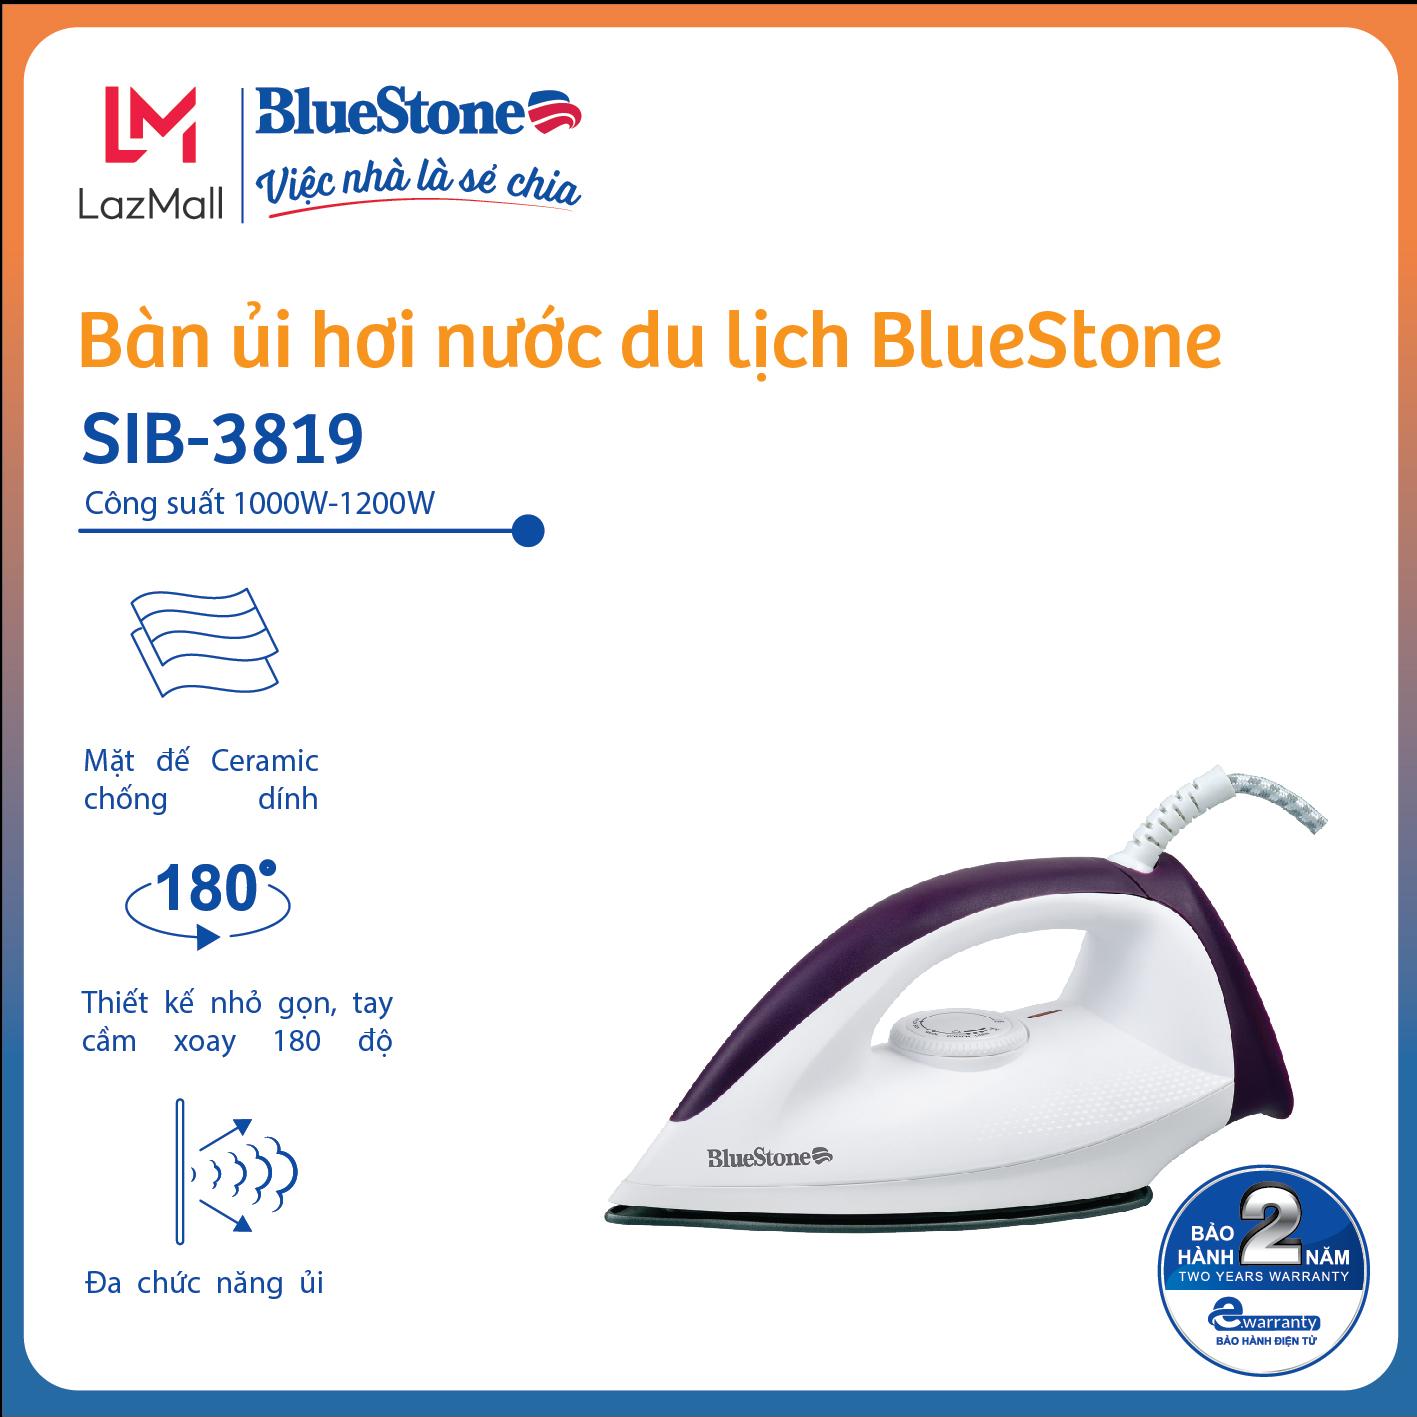 [Còn 244k] Bàn ủi khô BlueStone DIB-3726 - Công suất 1300W - Bảo hành 24 tháng - Hàng Chính hãng